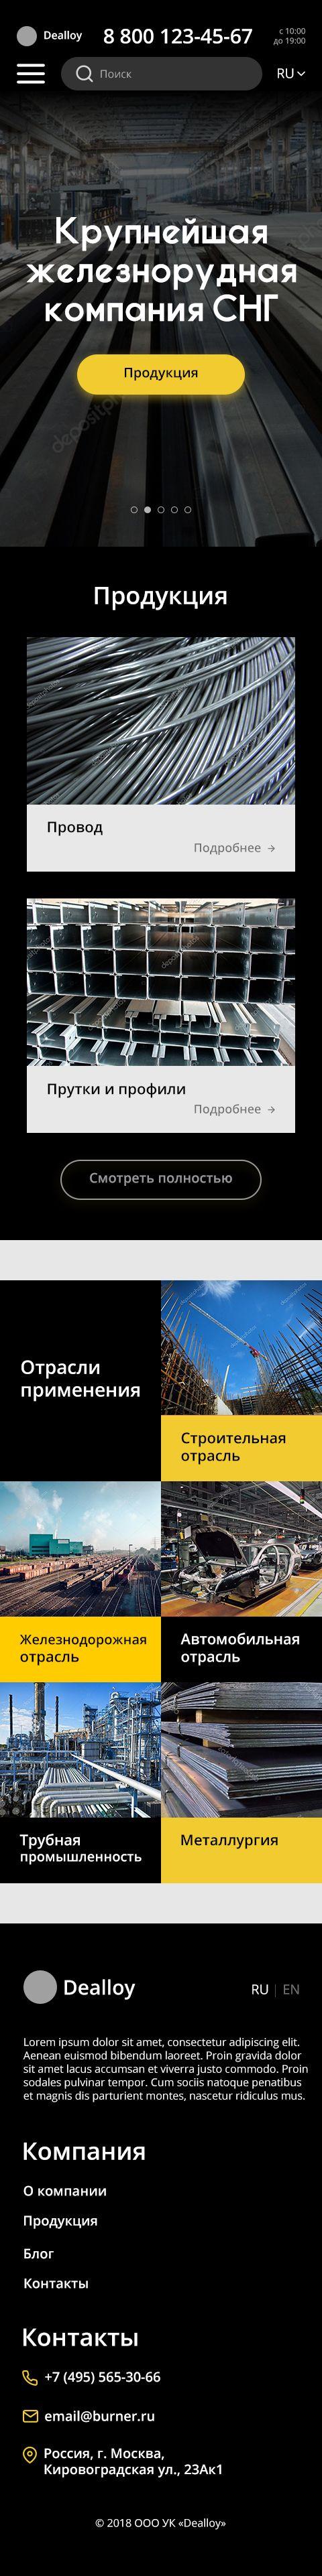 Веб-сайт для Dealloy.ru - дизайнер katerina95